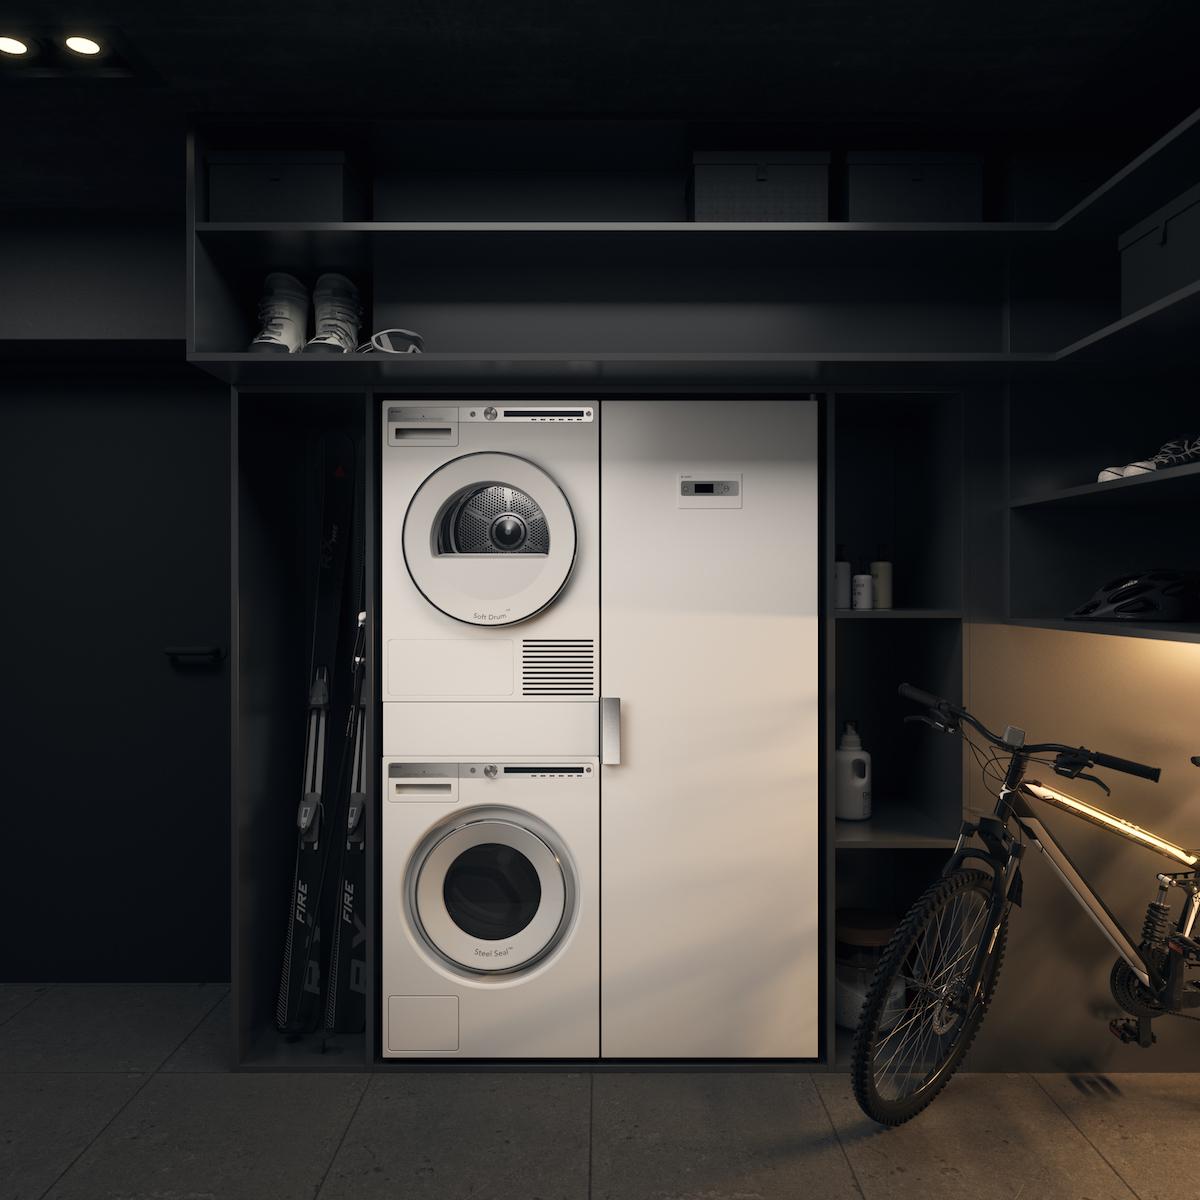 169695_file_print_asko-amb-laundry-Basement_0_72m2_Logic_w_Final